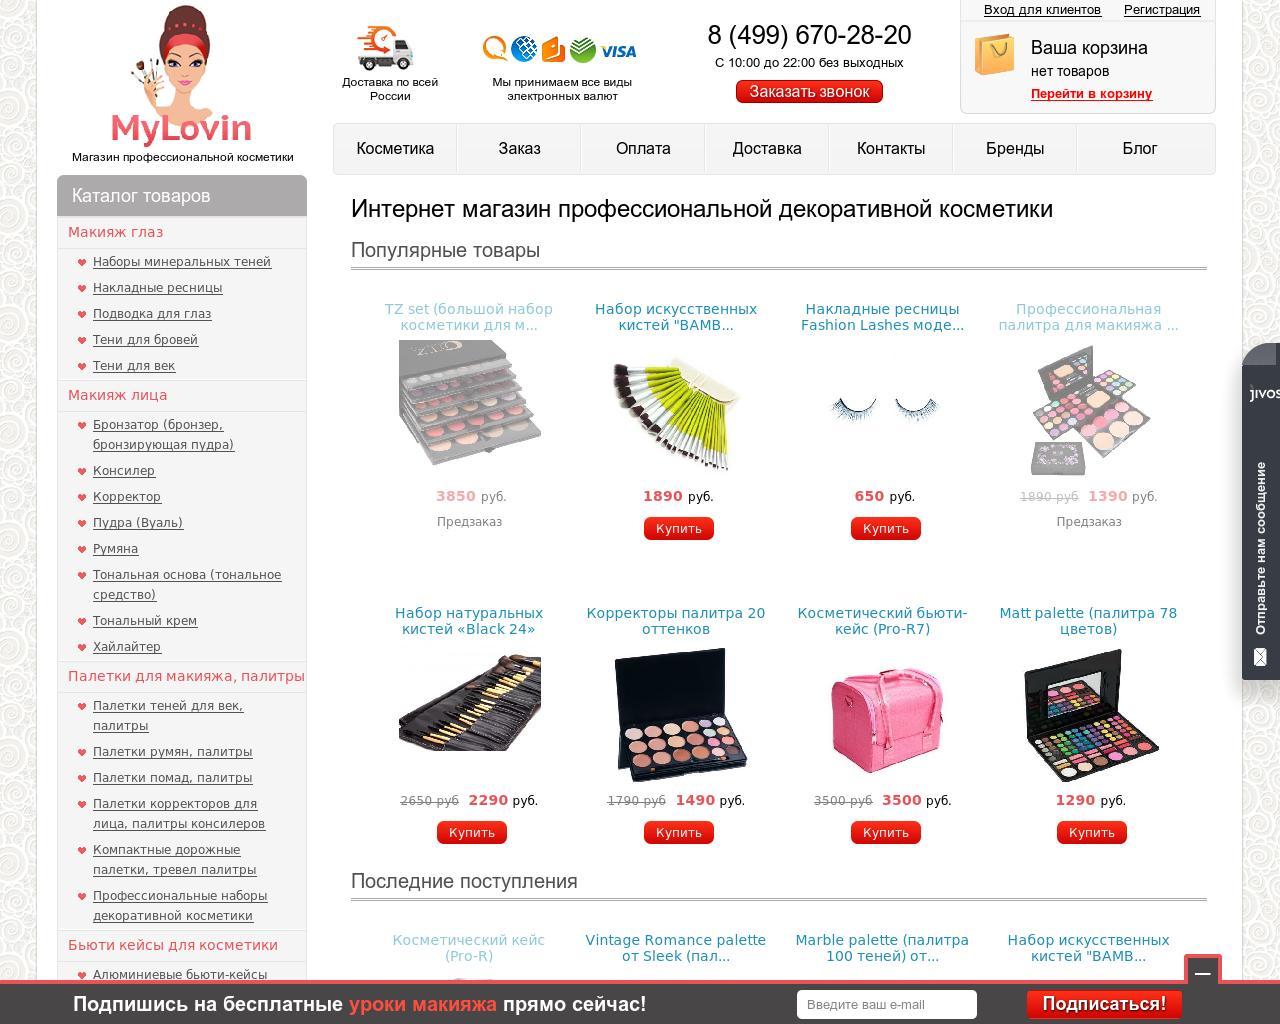 Сайт профессиональной декоративной косметики 11 фотография